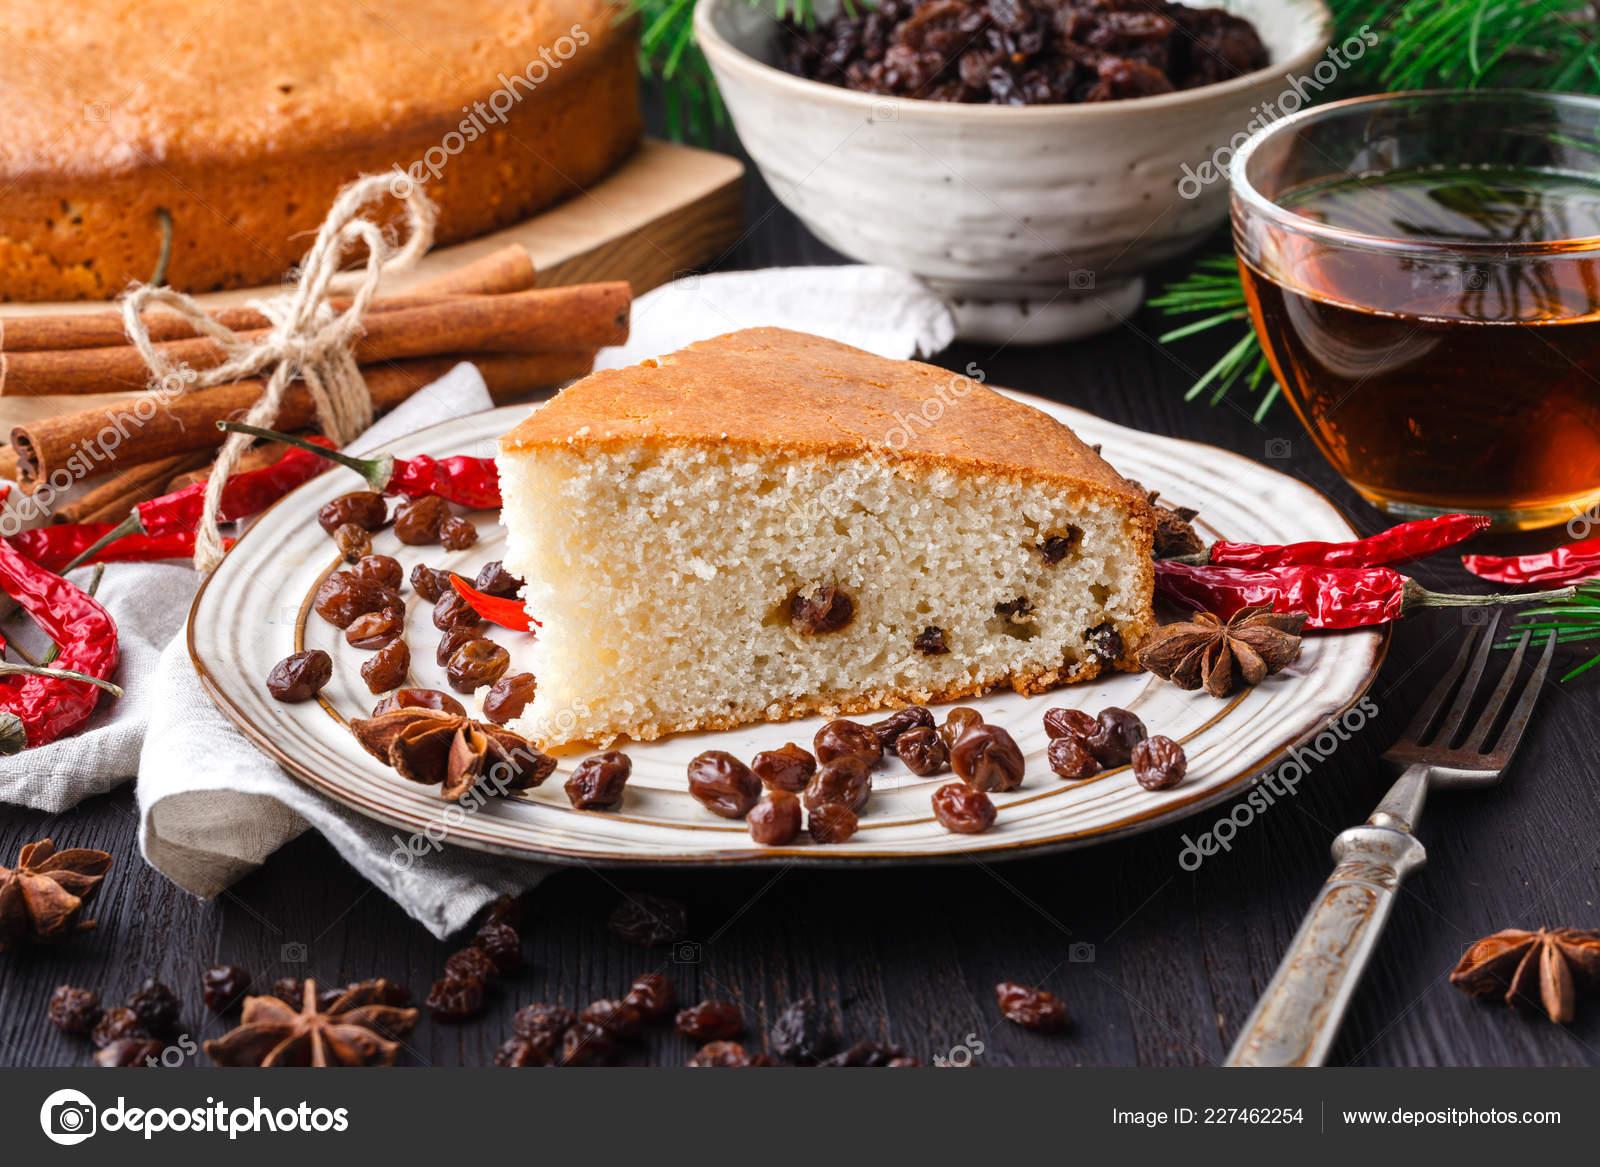 Hermosa Deliciosa Casera Pastel Frutos Secos Navidad Tabla